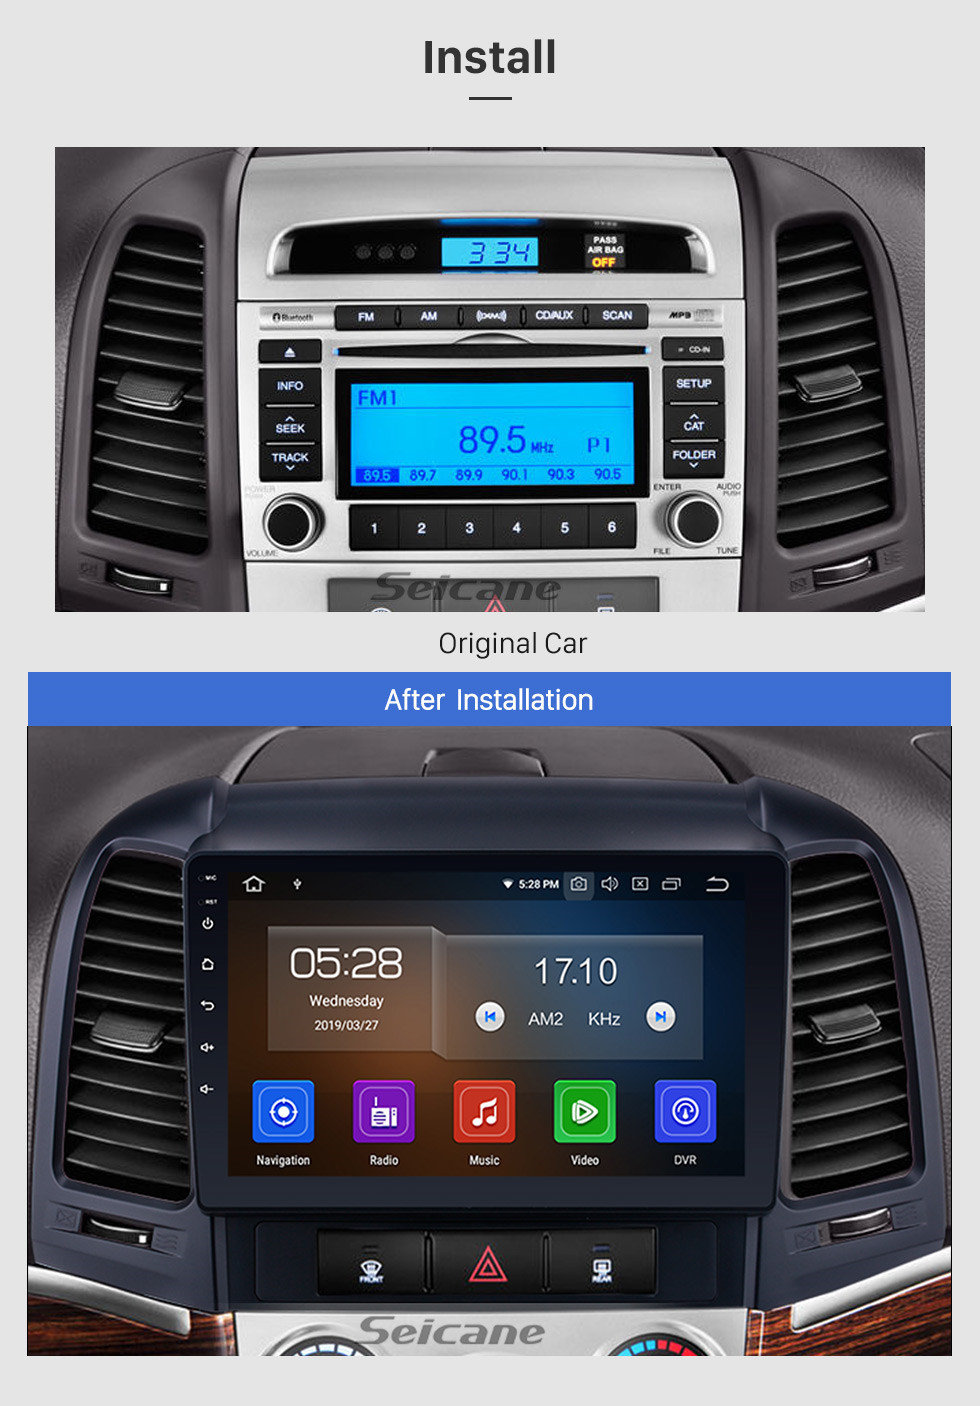 Seicane 2006-2012 Hyundai SANTA FE après marché Android 9.0 HD 1024*600 Ecran tactile système de navigation Radio Bluetooth OBD2 DVR arrière Caméra TV 1080P Vidéo 3G WIFI Contrôle Volant GPS USB SD Lien Miroir  Lecteur DVD